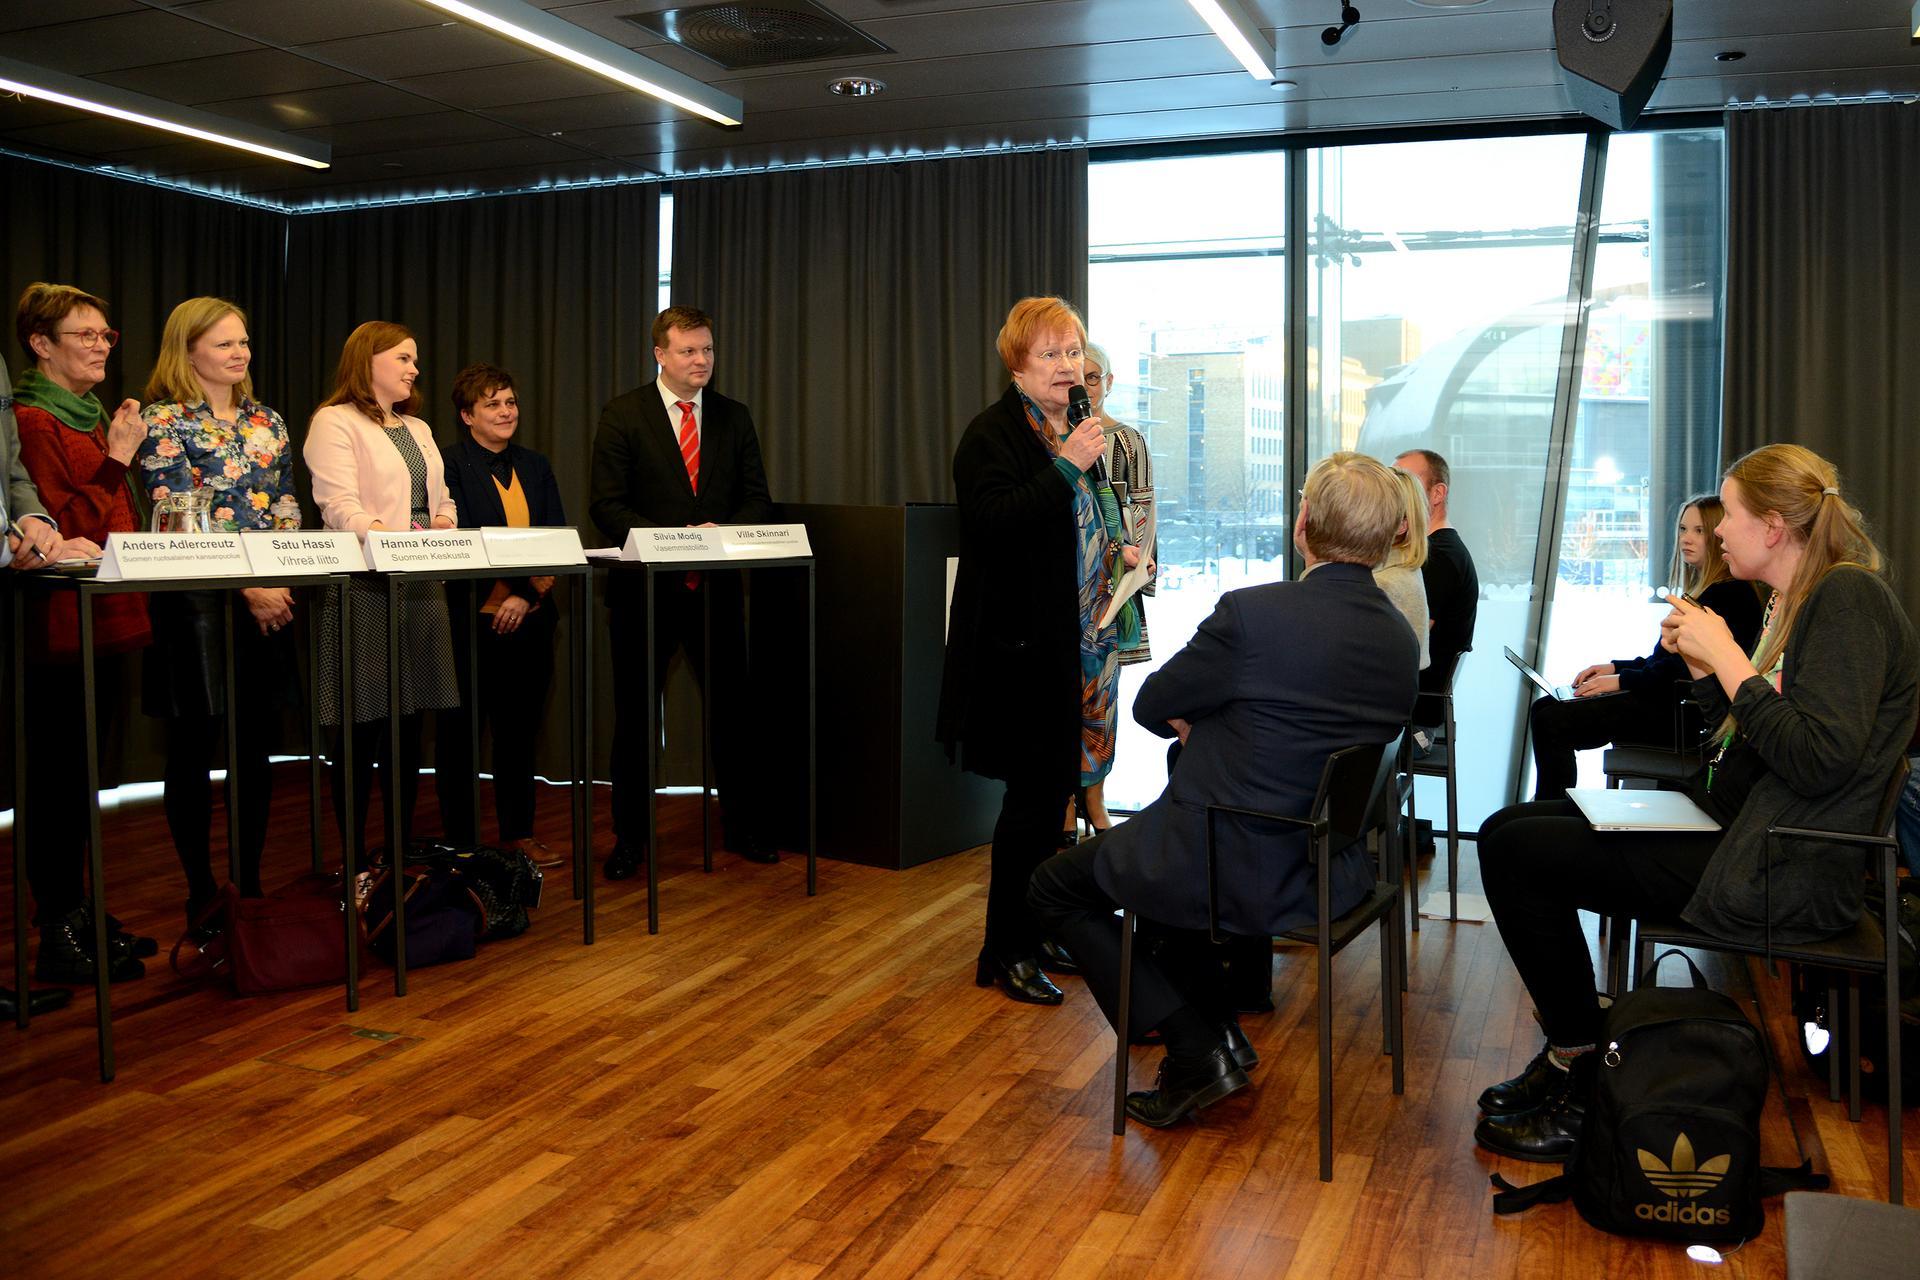 Presidentti Tarja Halonen kertoo oman näkemyksensä Itämeren tilassa, poliitikot ja yleisö kuuntelevat tarkasti